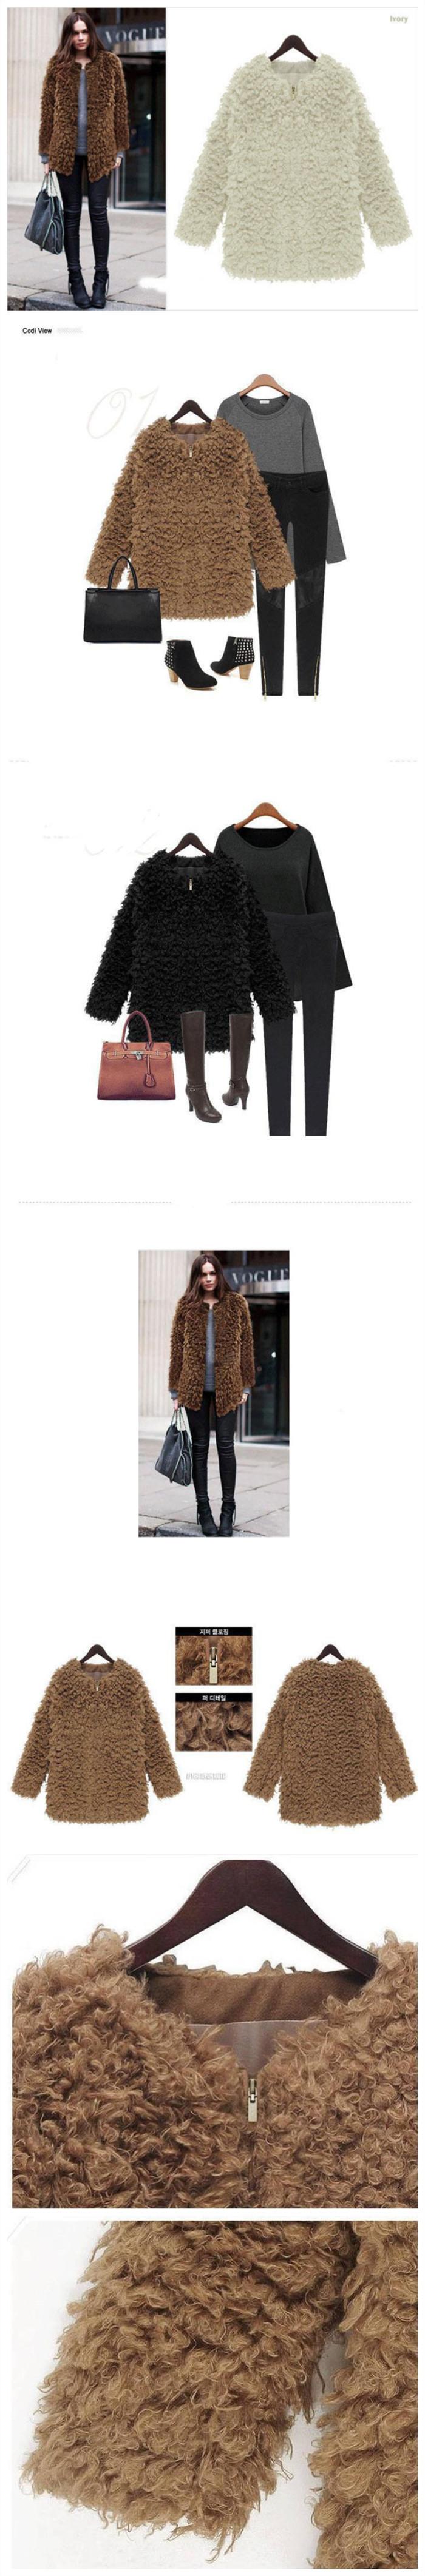 Женская одежда из шерсти - 2015 Styel Fuax YFY405